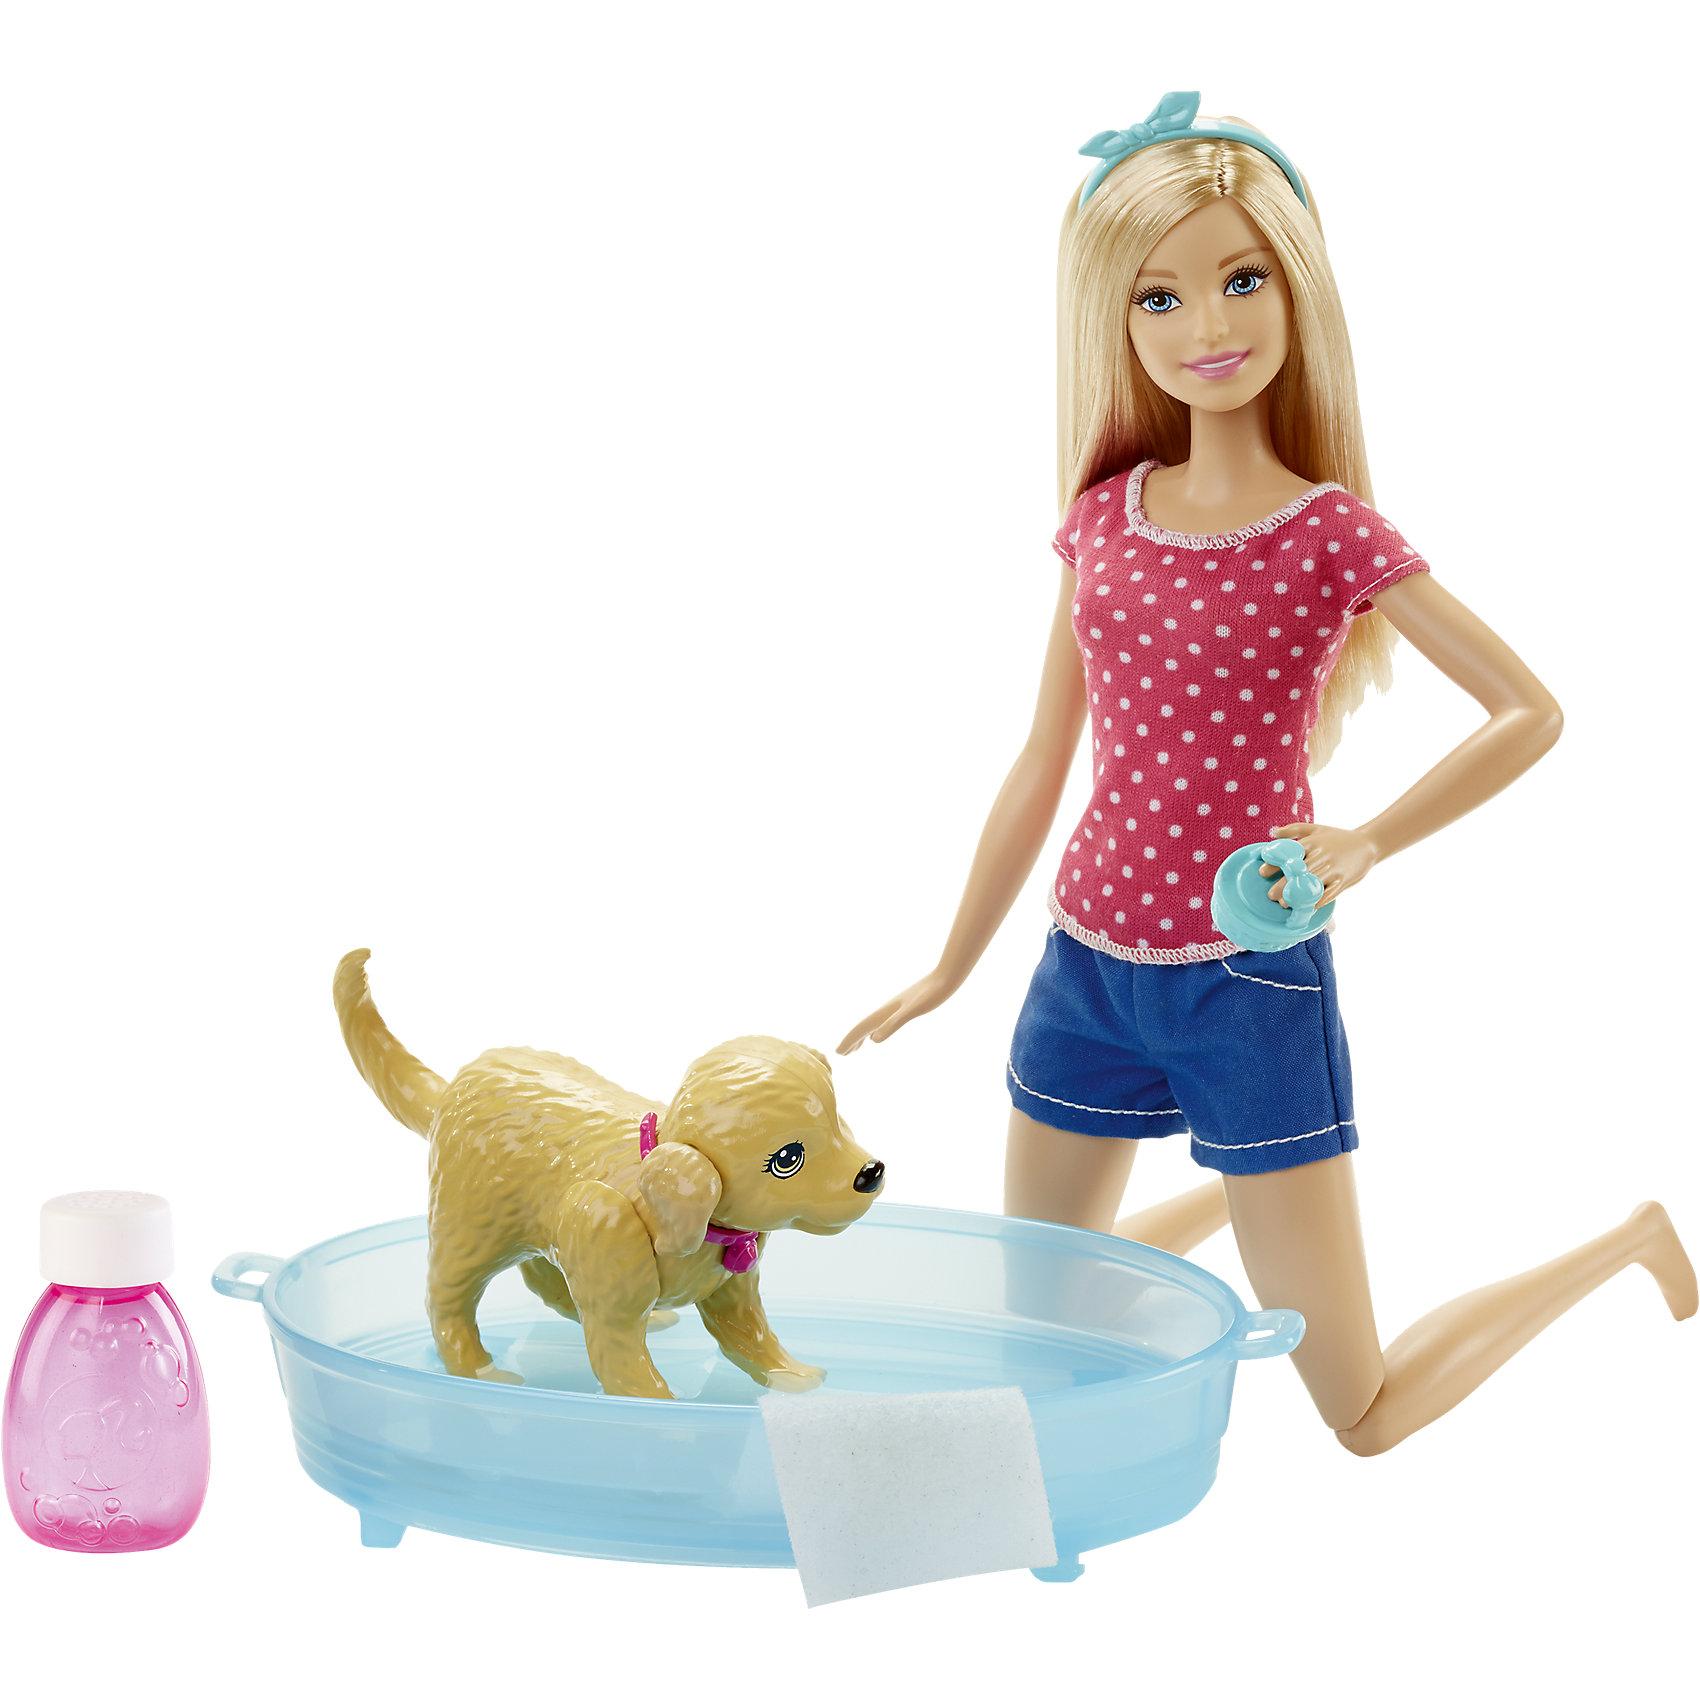 Mattel Игровой набор Водные забавы, Barbie куклы barbie игровой набор барби